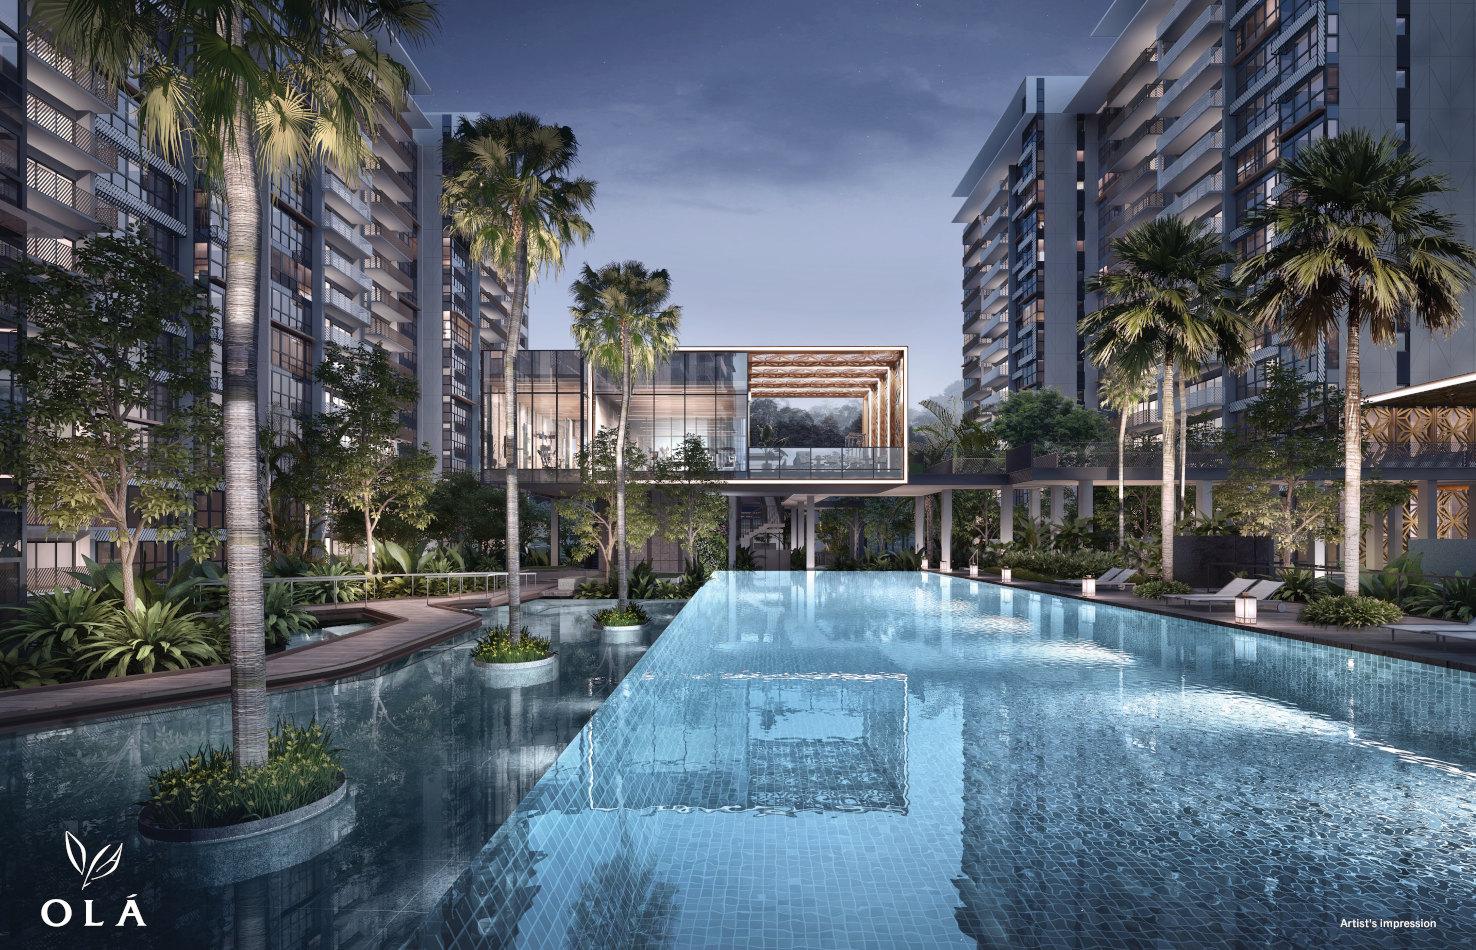 Ola's Condominium at Affordable Price